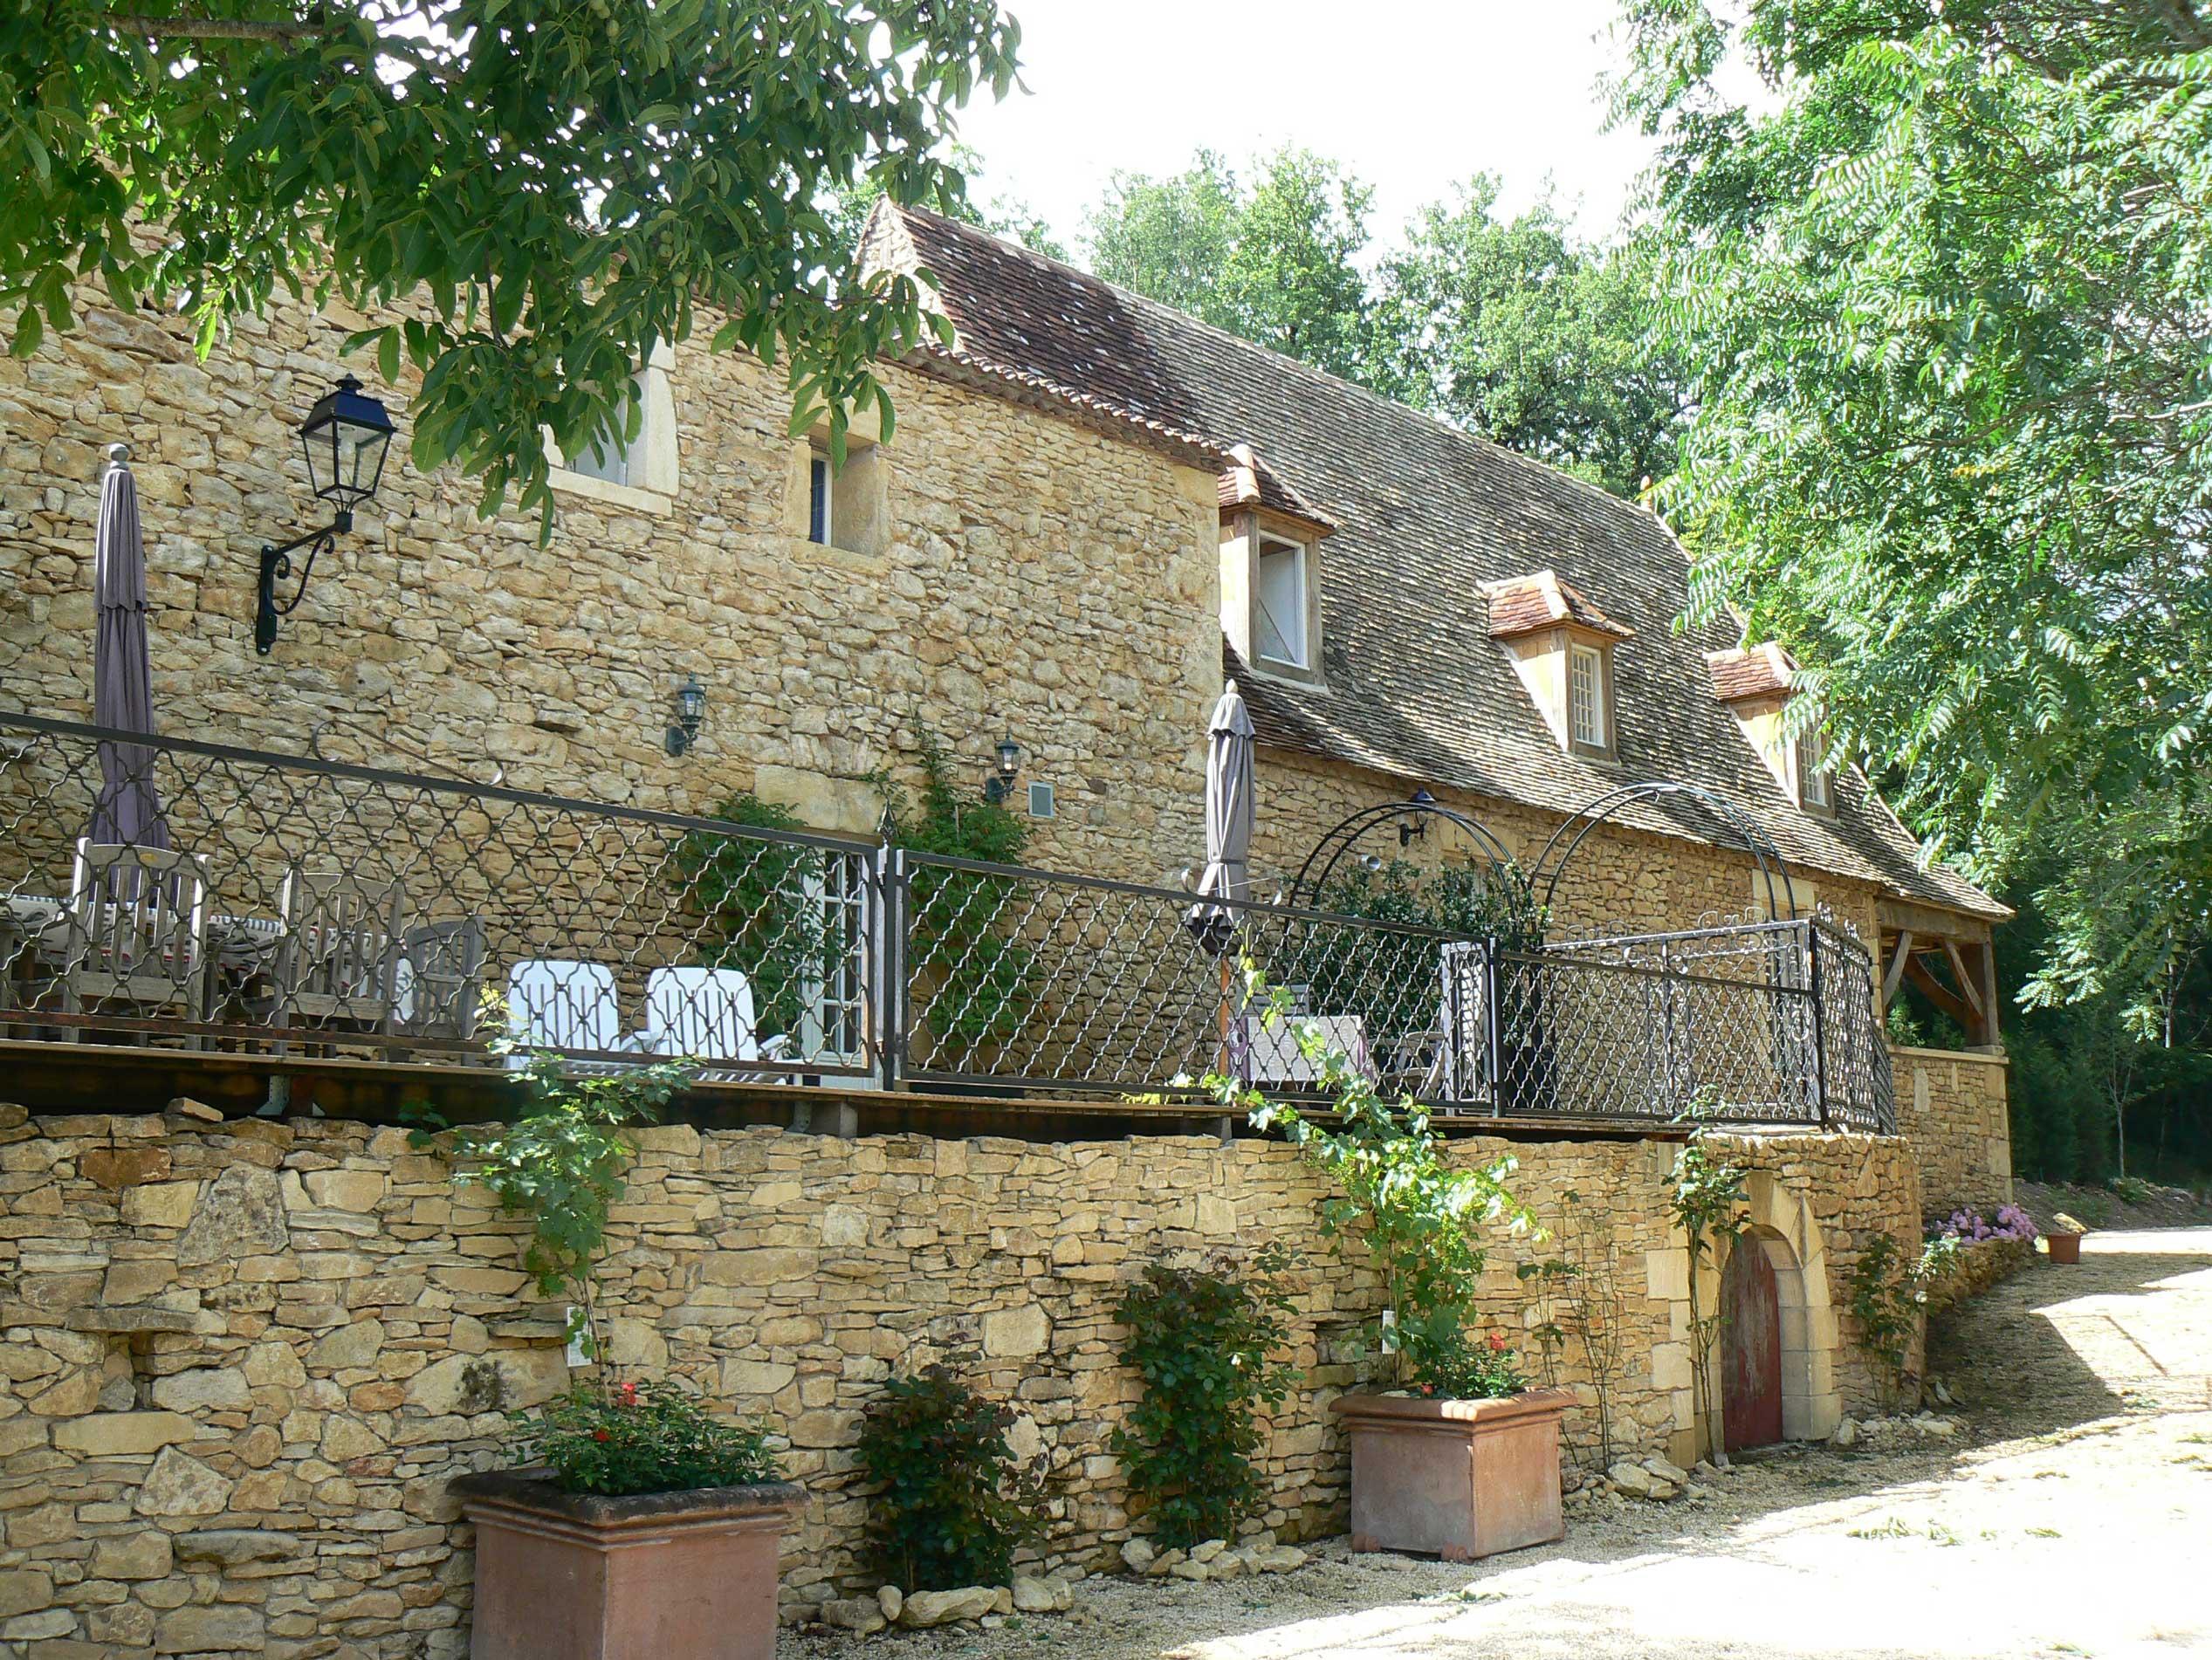 Domaine De Pradelle, Maison Des Vacances, Gites Avec Piscine, Gite Avec  Piscine,